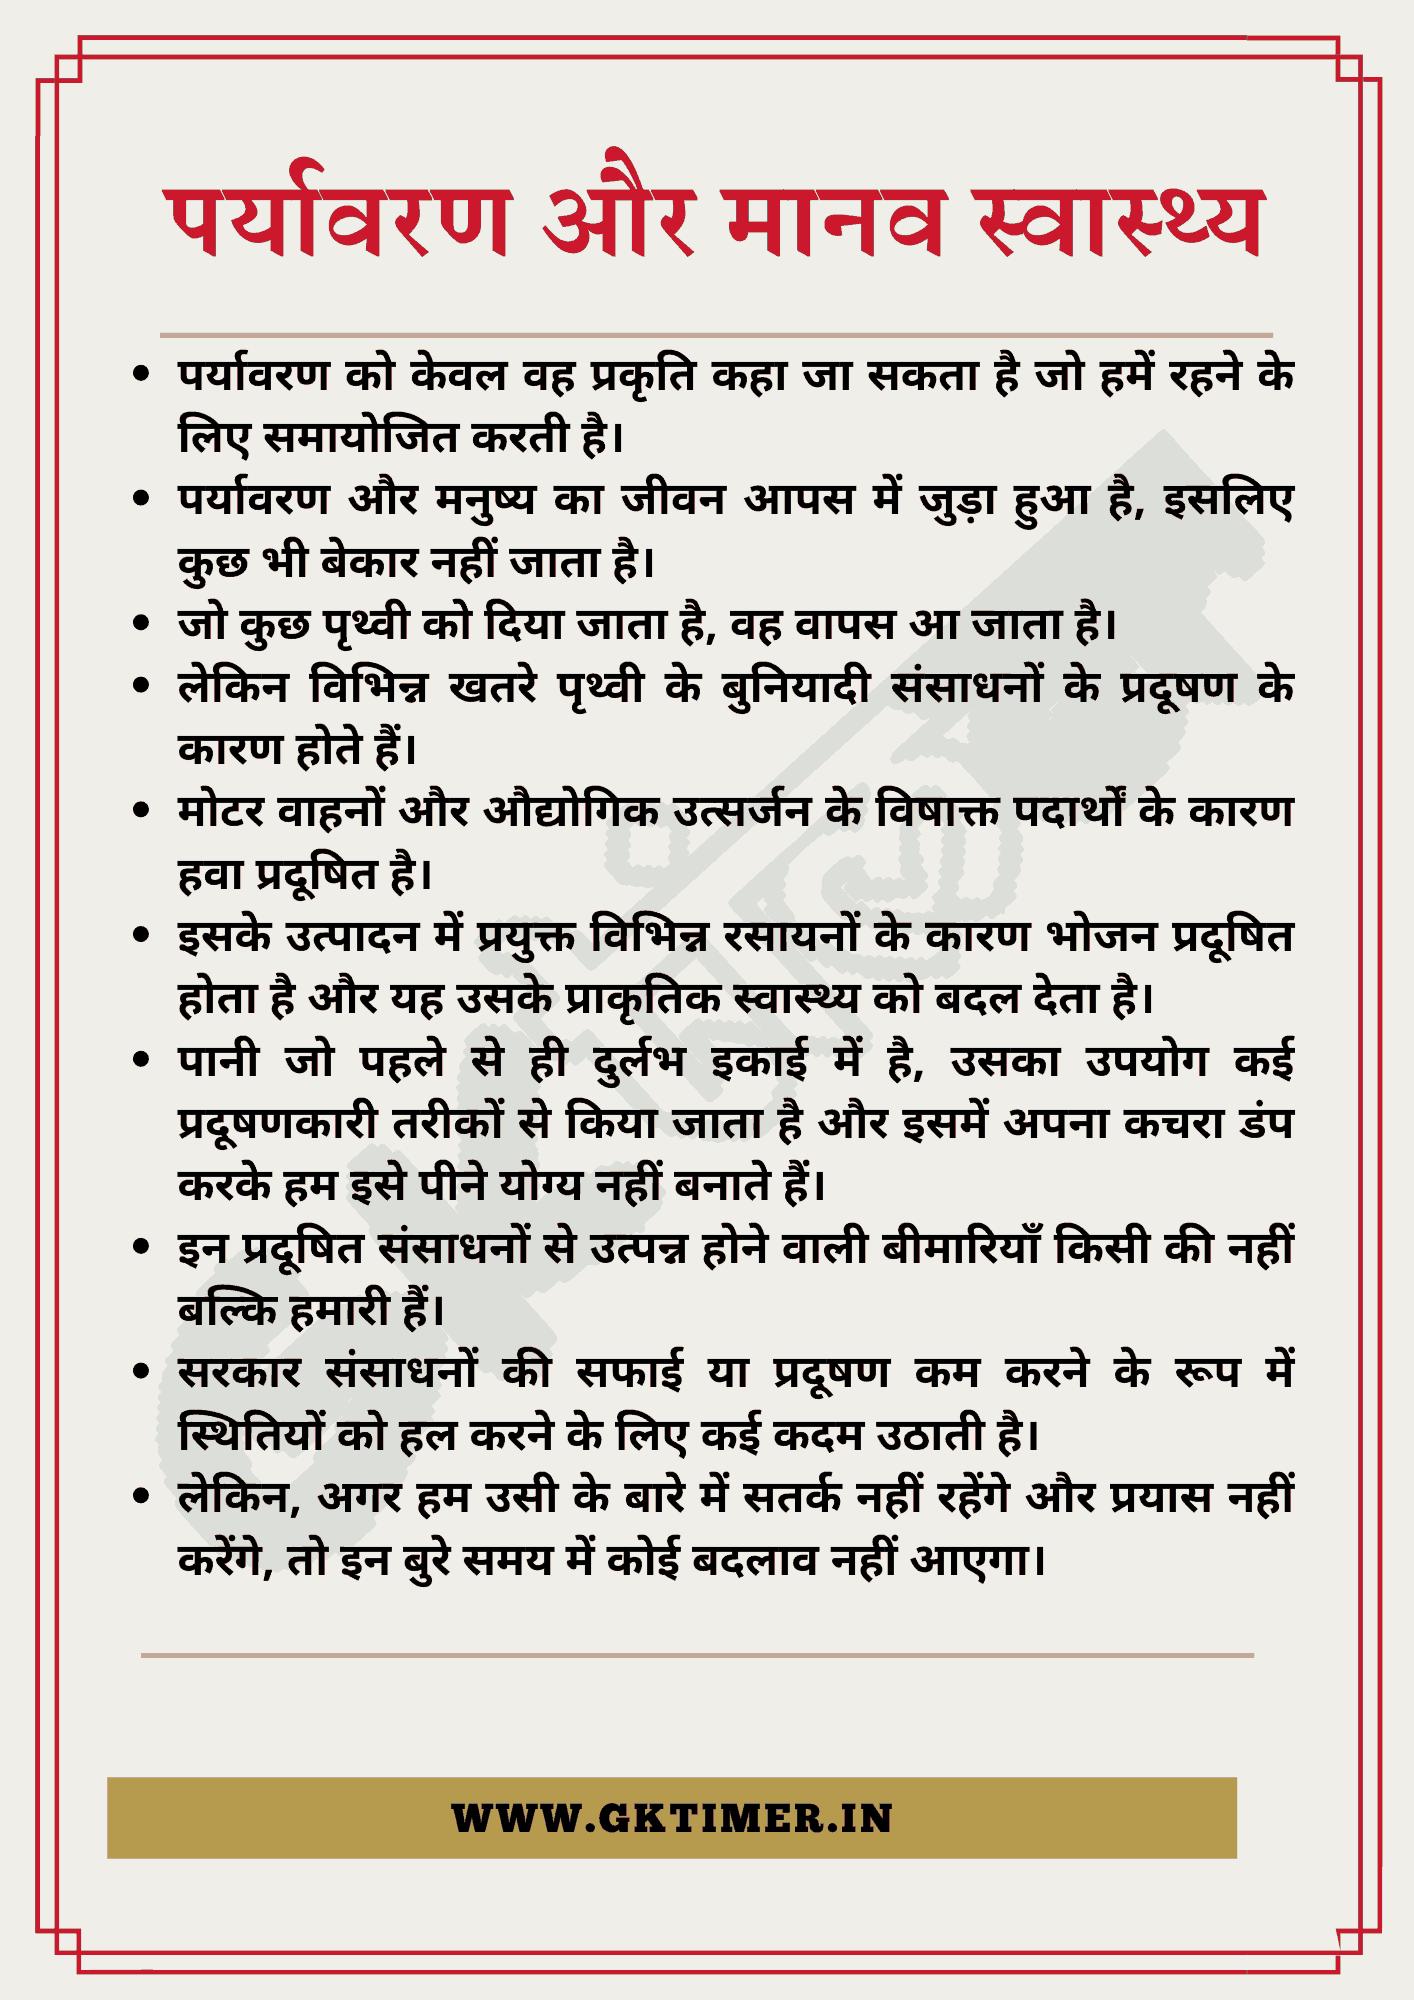 पर्यावरण और मानव स्वास्थ्य पर निबंध   Essay on Environment and Human Health  in Hindi   10 Lines on Environment and Human Health  in Hindi